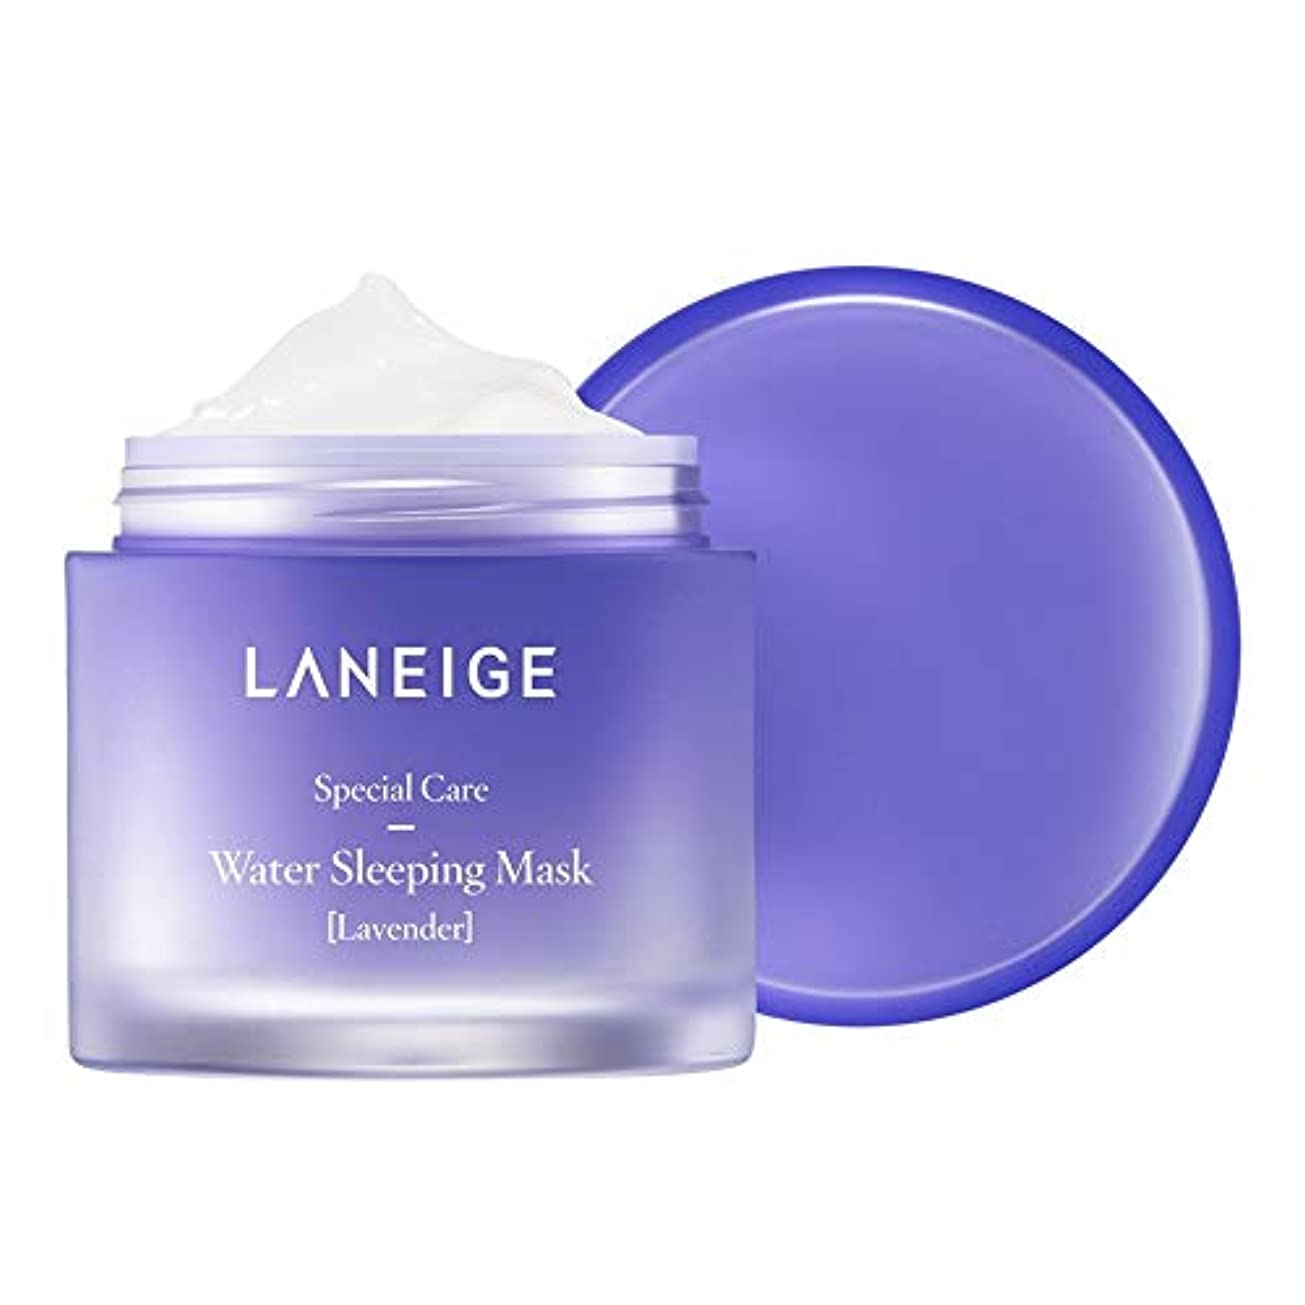 哀れな香ばしい犠牲LANEIGE ラネージュ ウォータースリーピング マスク ラベンダー2017 New リフィルミーバージョン 70ml Water Sleeping Mask 2017 Lavender [海外直送品]